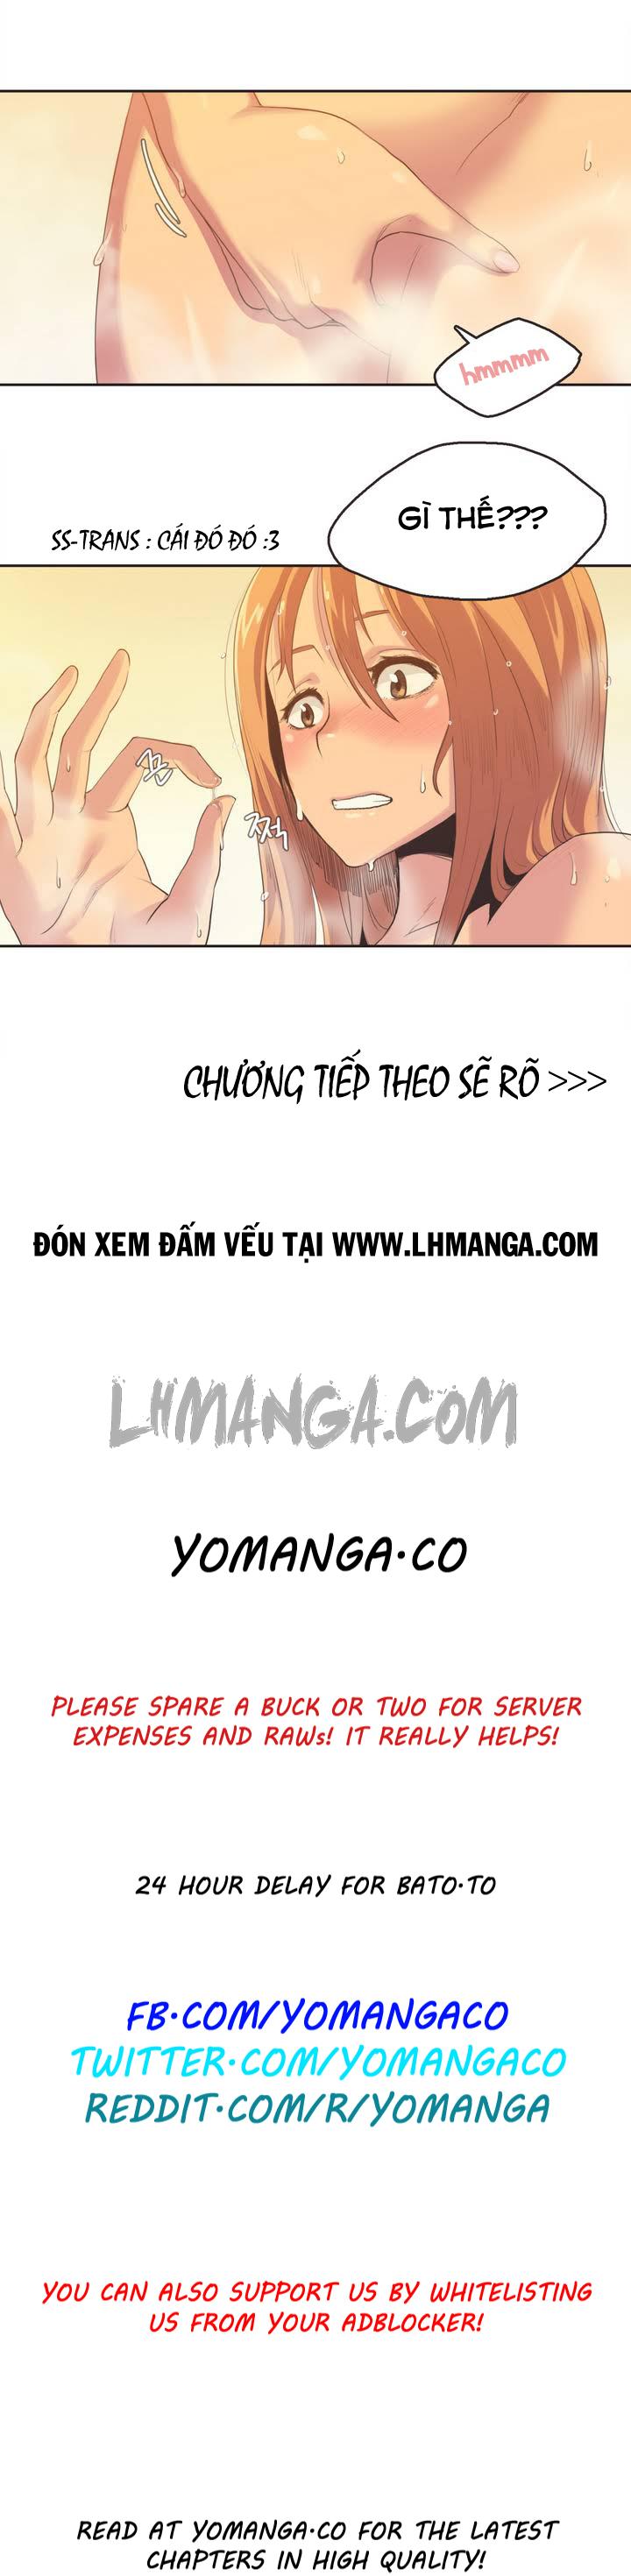 Hình ảnh HINH_00025 in Sports Girl - Gái Thể Thao